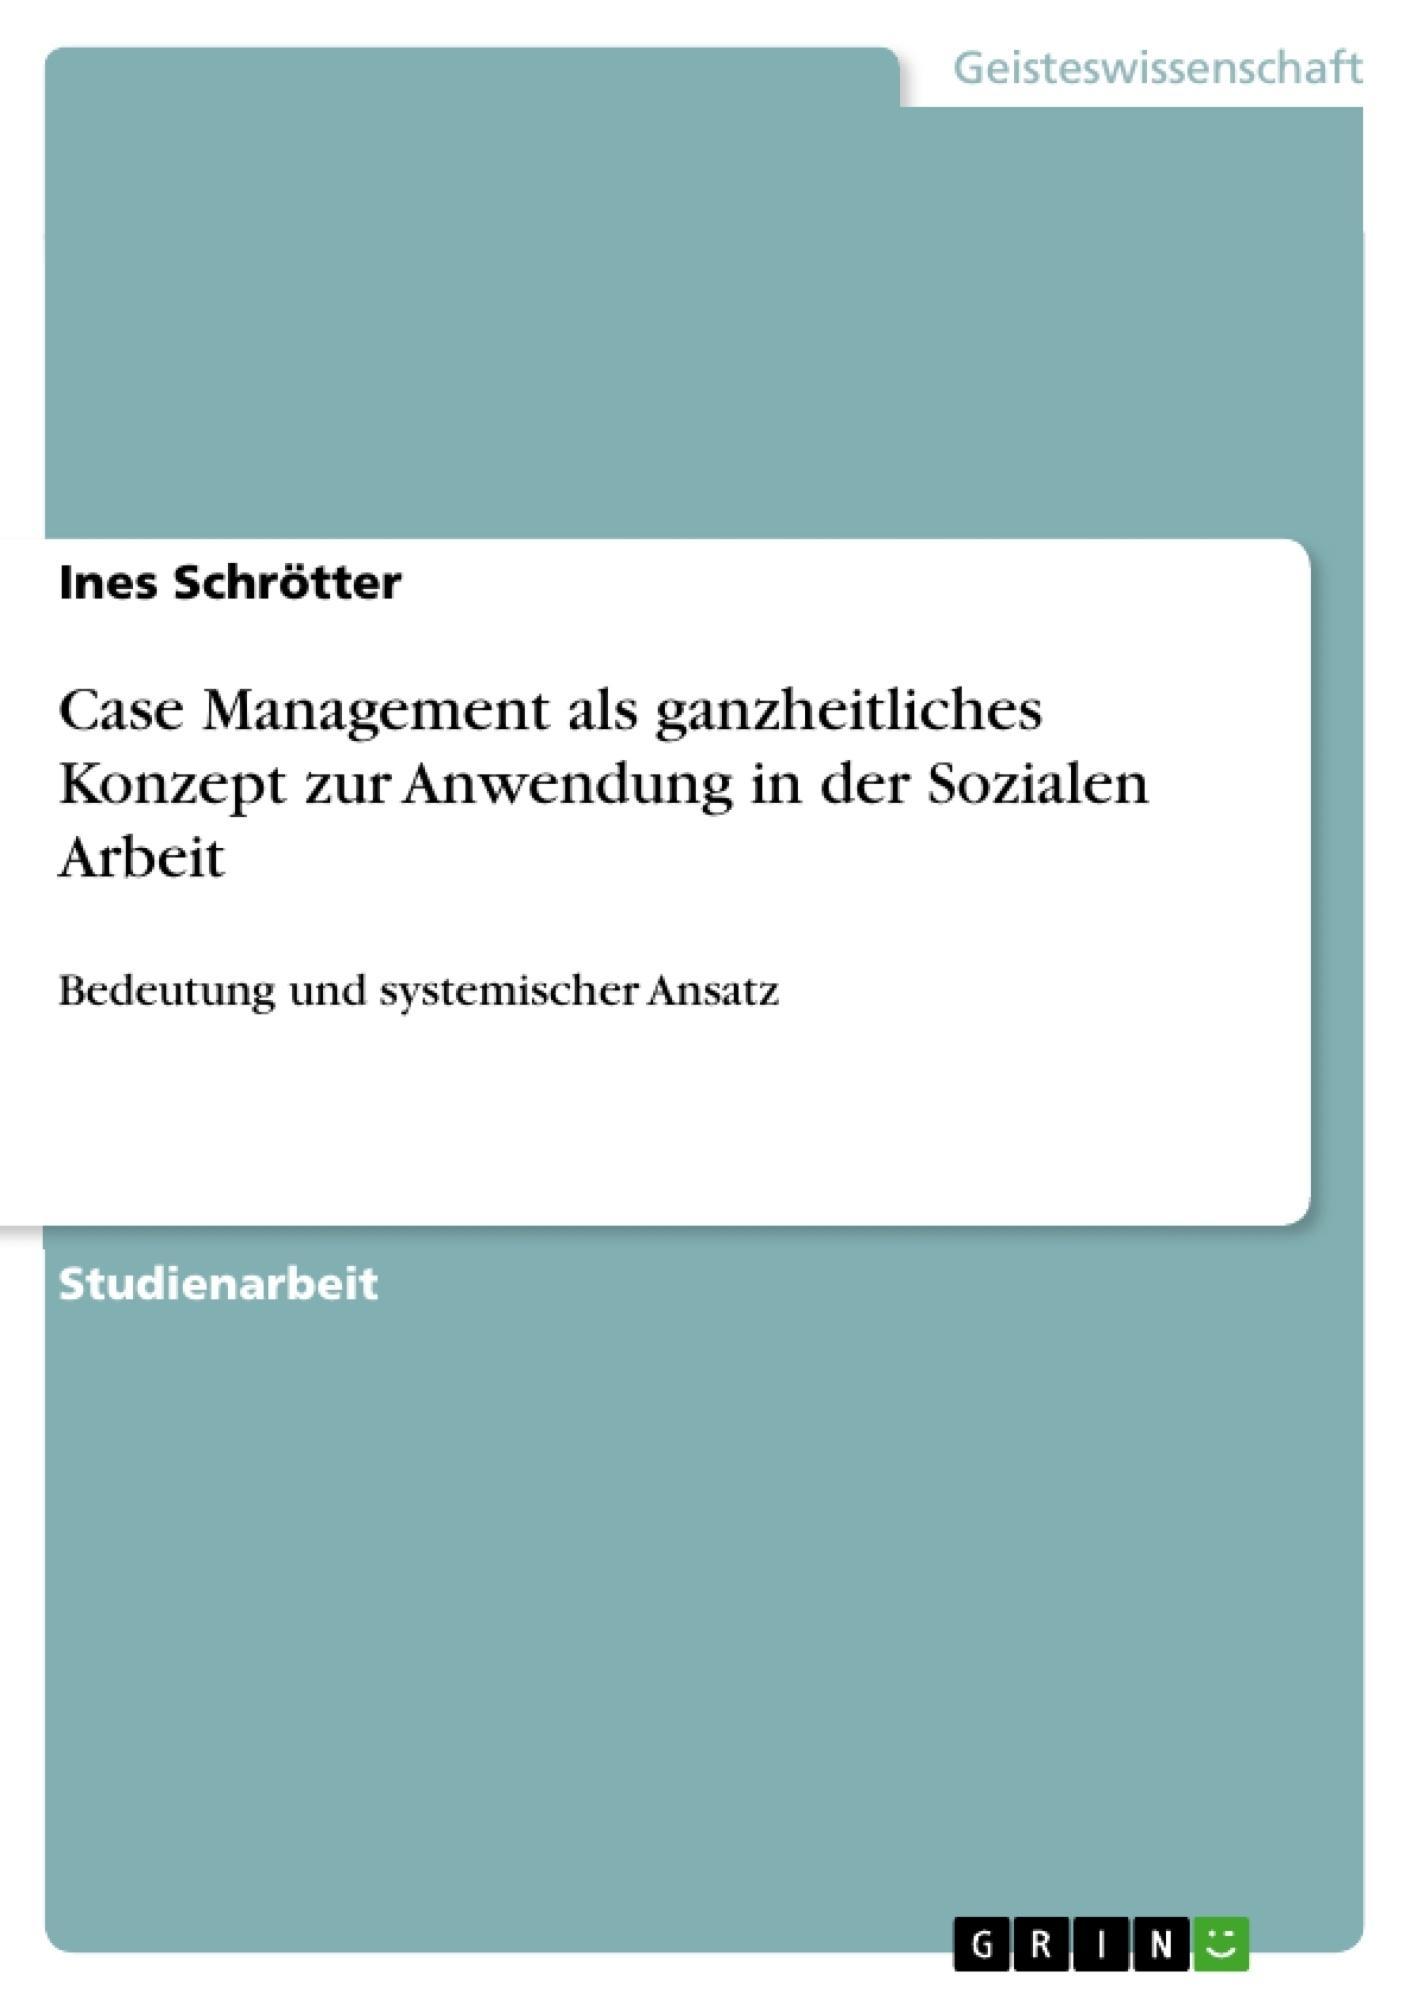 Titel: Case Management als ganzheitliches Konzept zur Anwendung in der Sozialen Arbeit